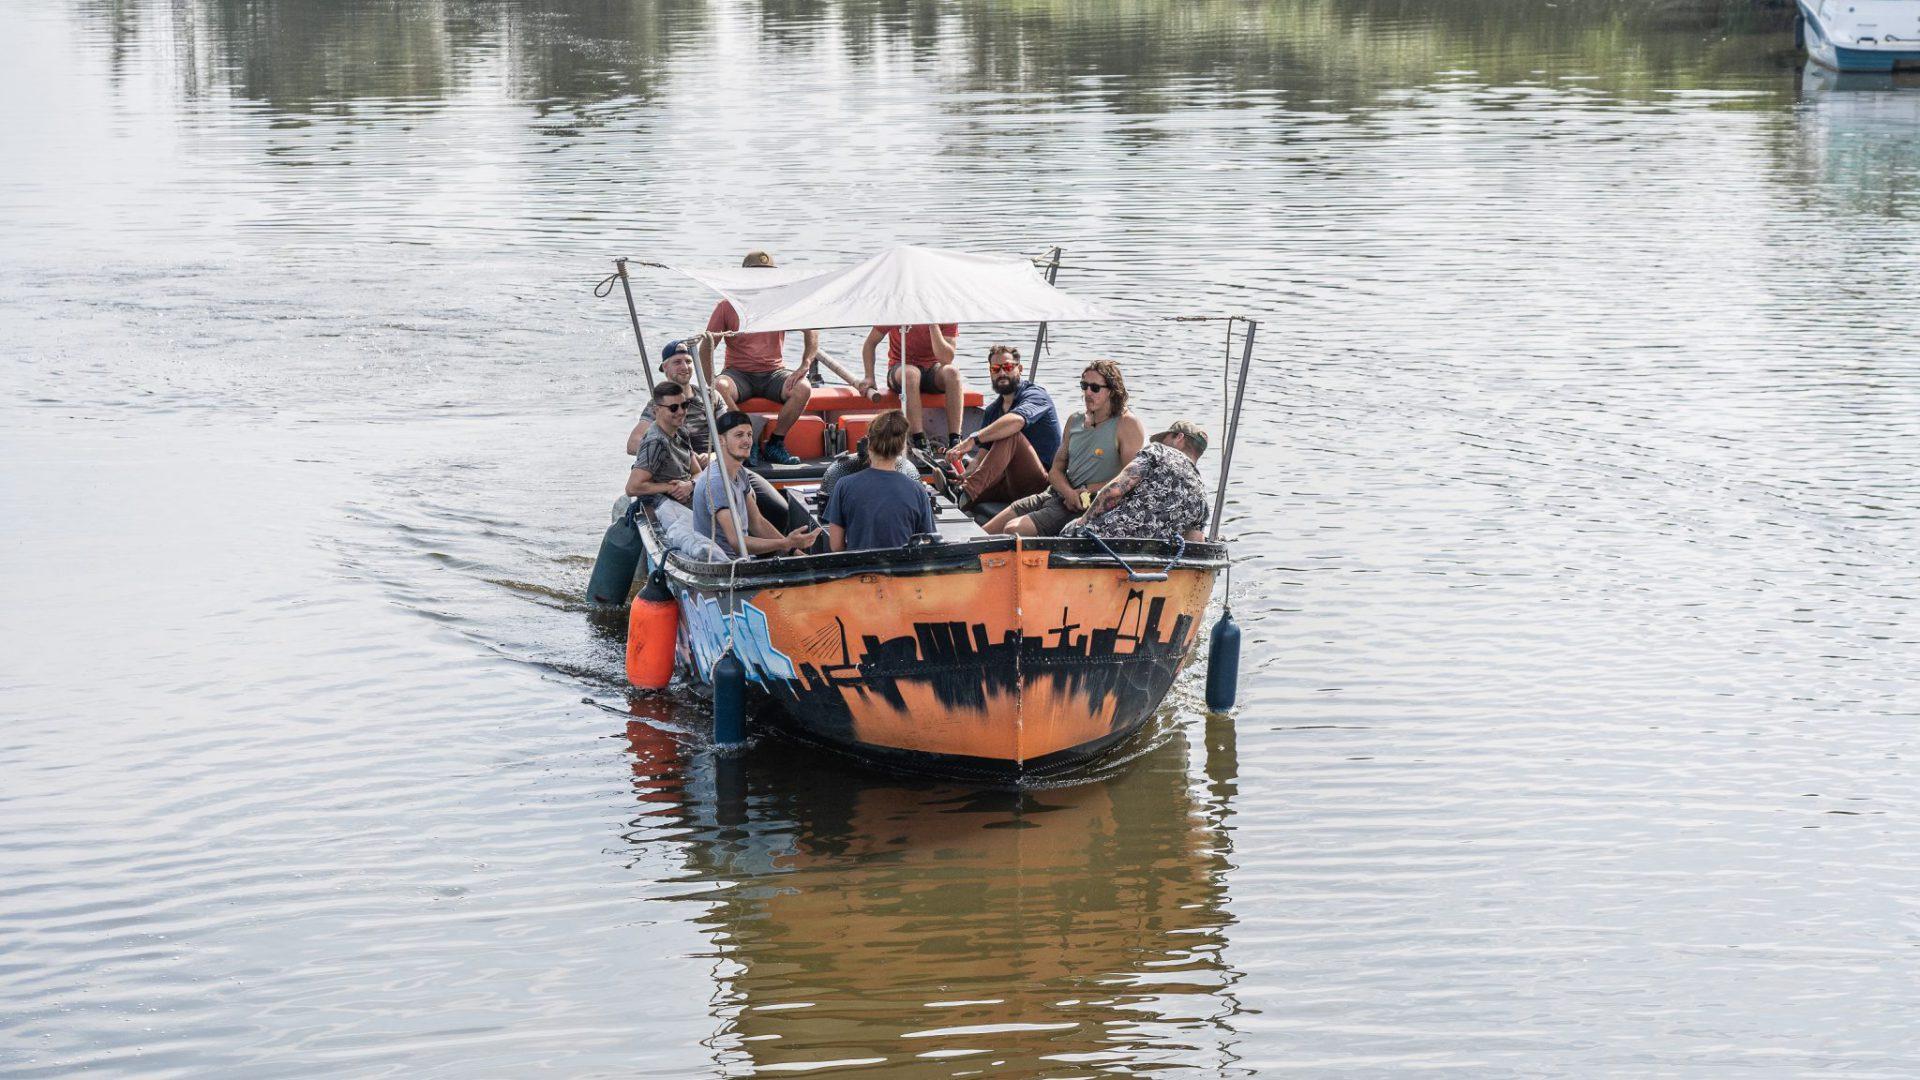 Varen zonder schipper op de Rotte bij Rotterdam is Hot